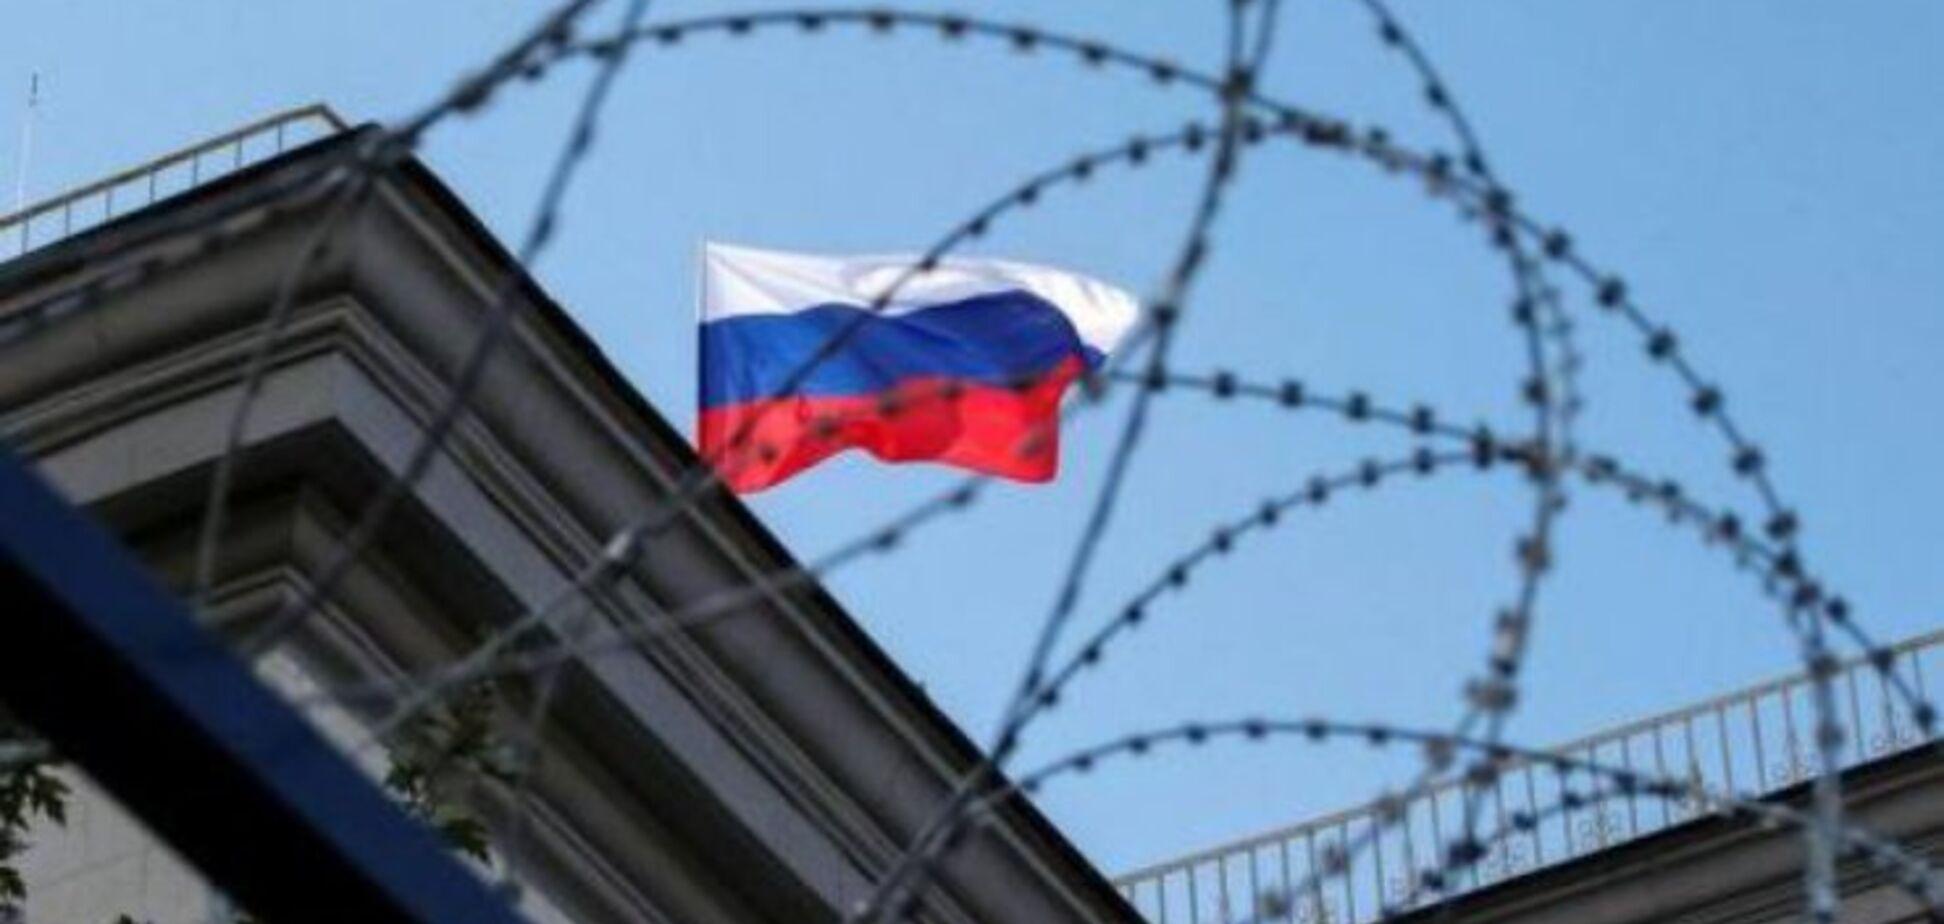 Санкції проти Росії: фінансист зробив прогноз щодо нового удару США